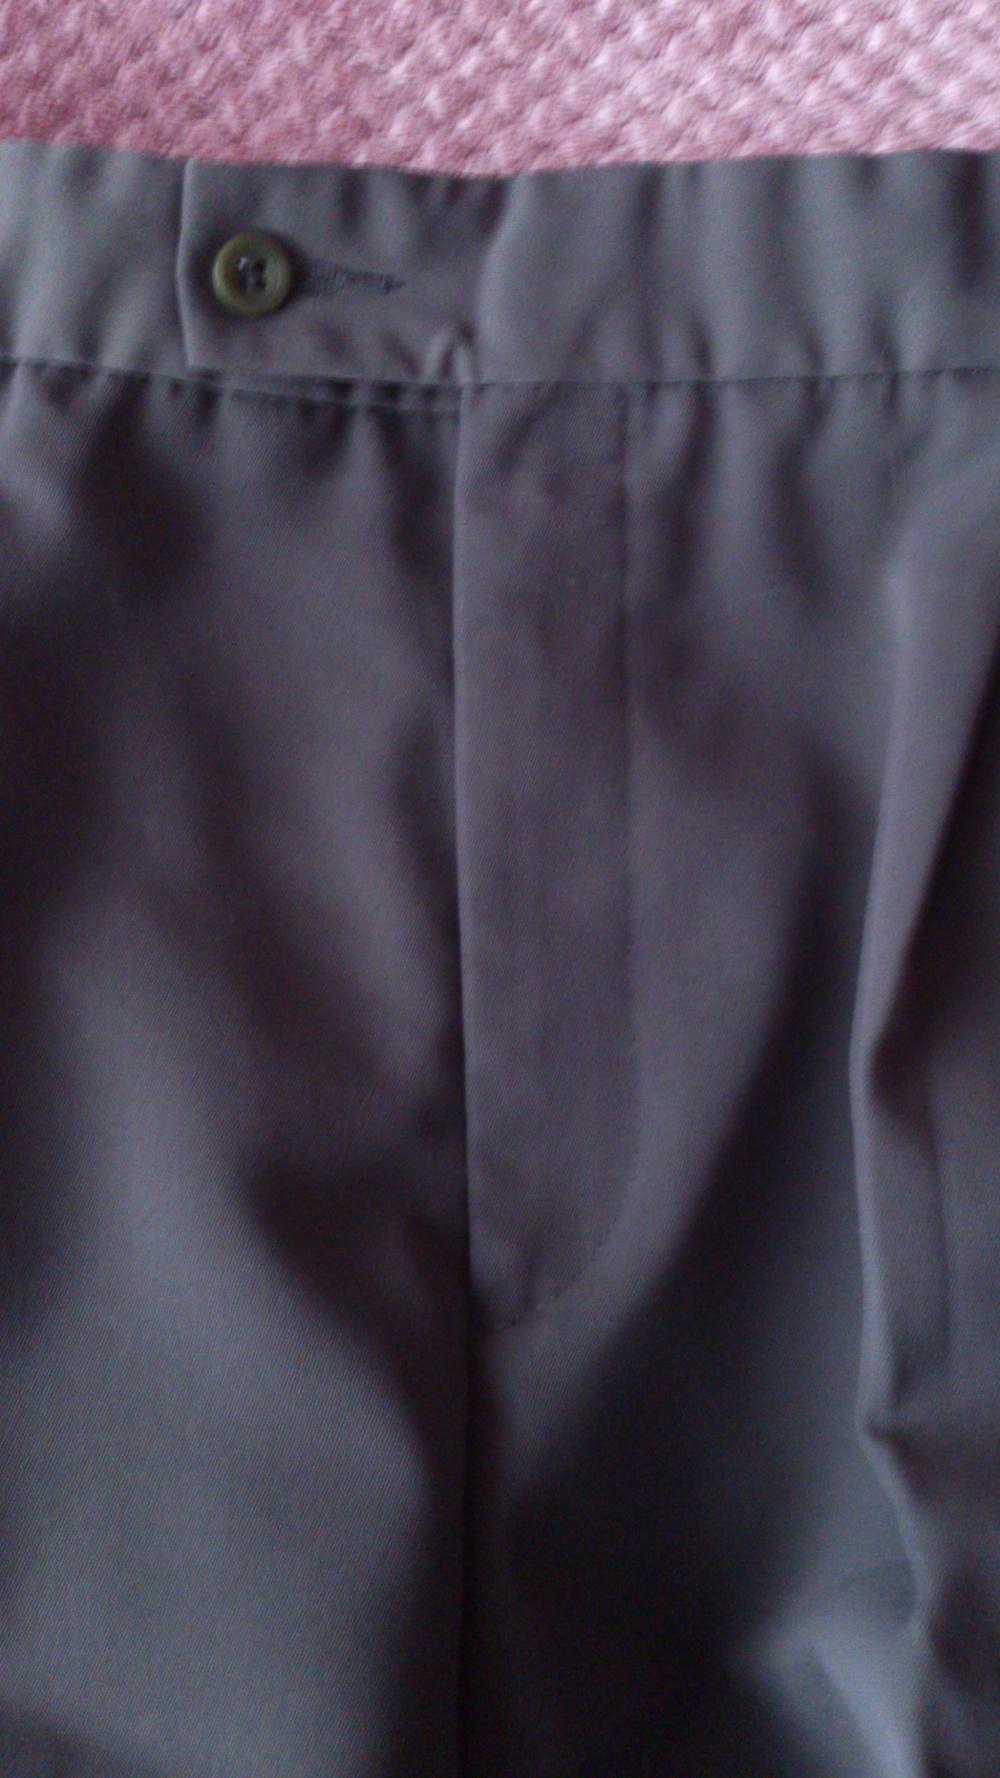 Брюки Classic мужские, цвет темный хаки, размер 48 (рос), рост до 175